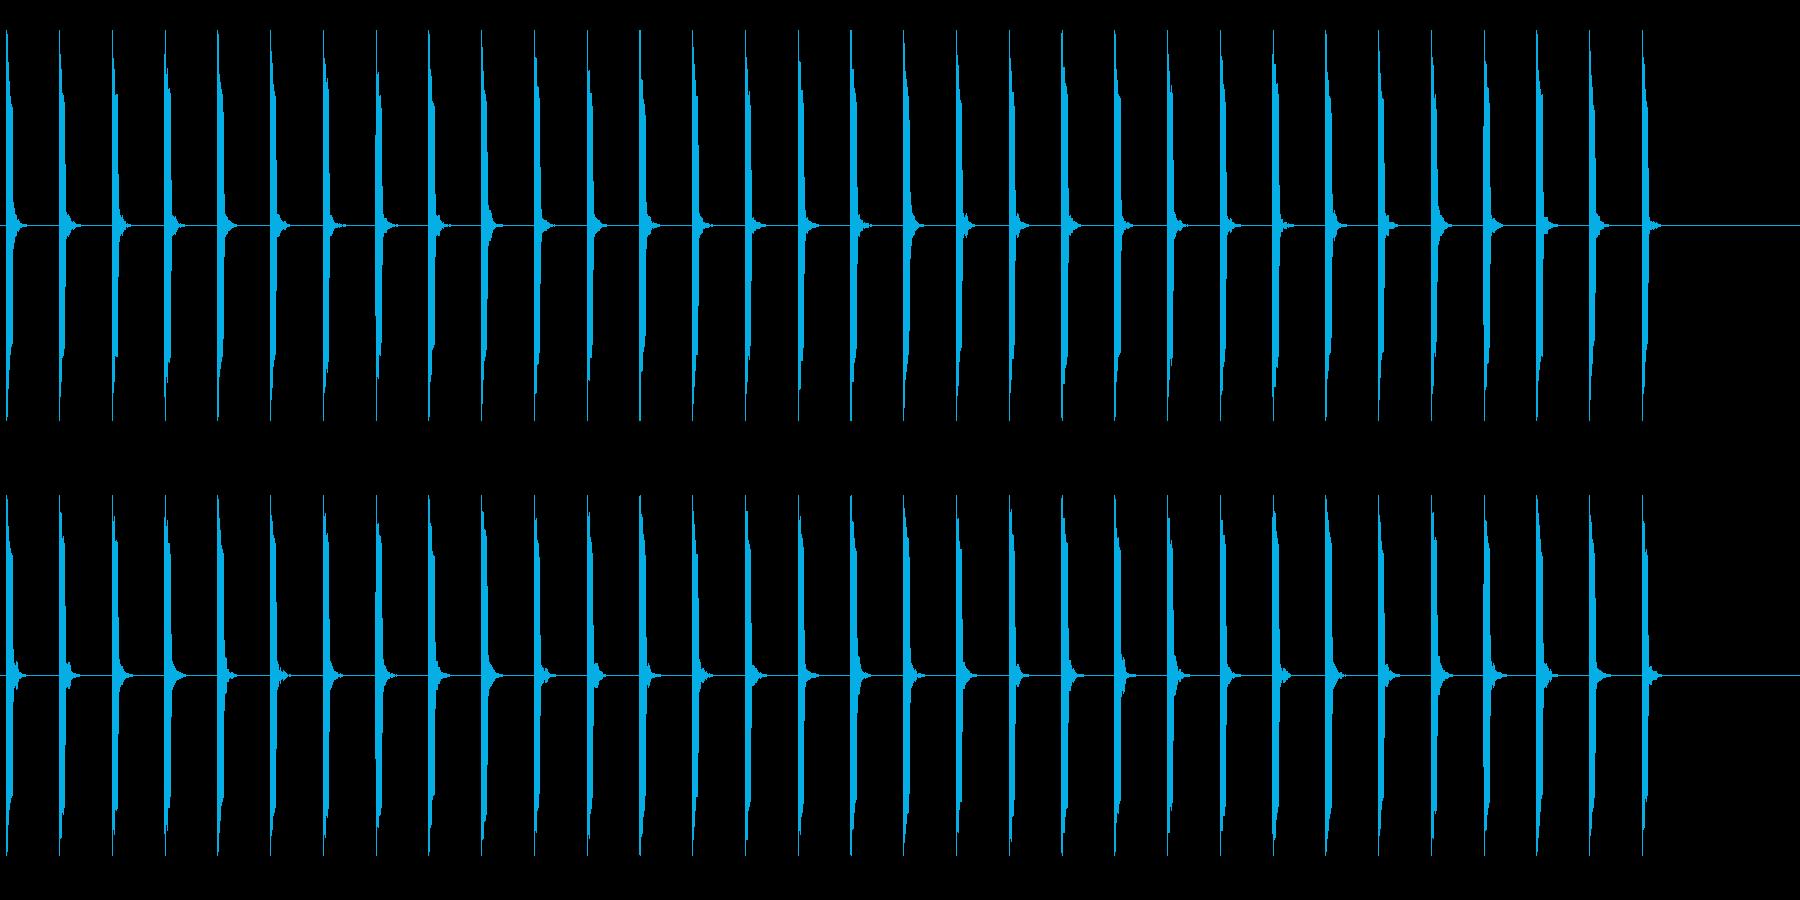 心電図の音-4-2(BPM50)の再生済みの波形